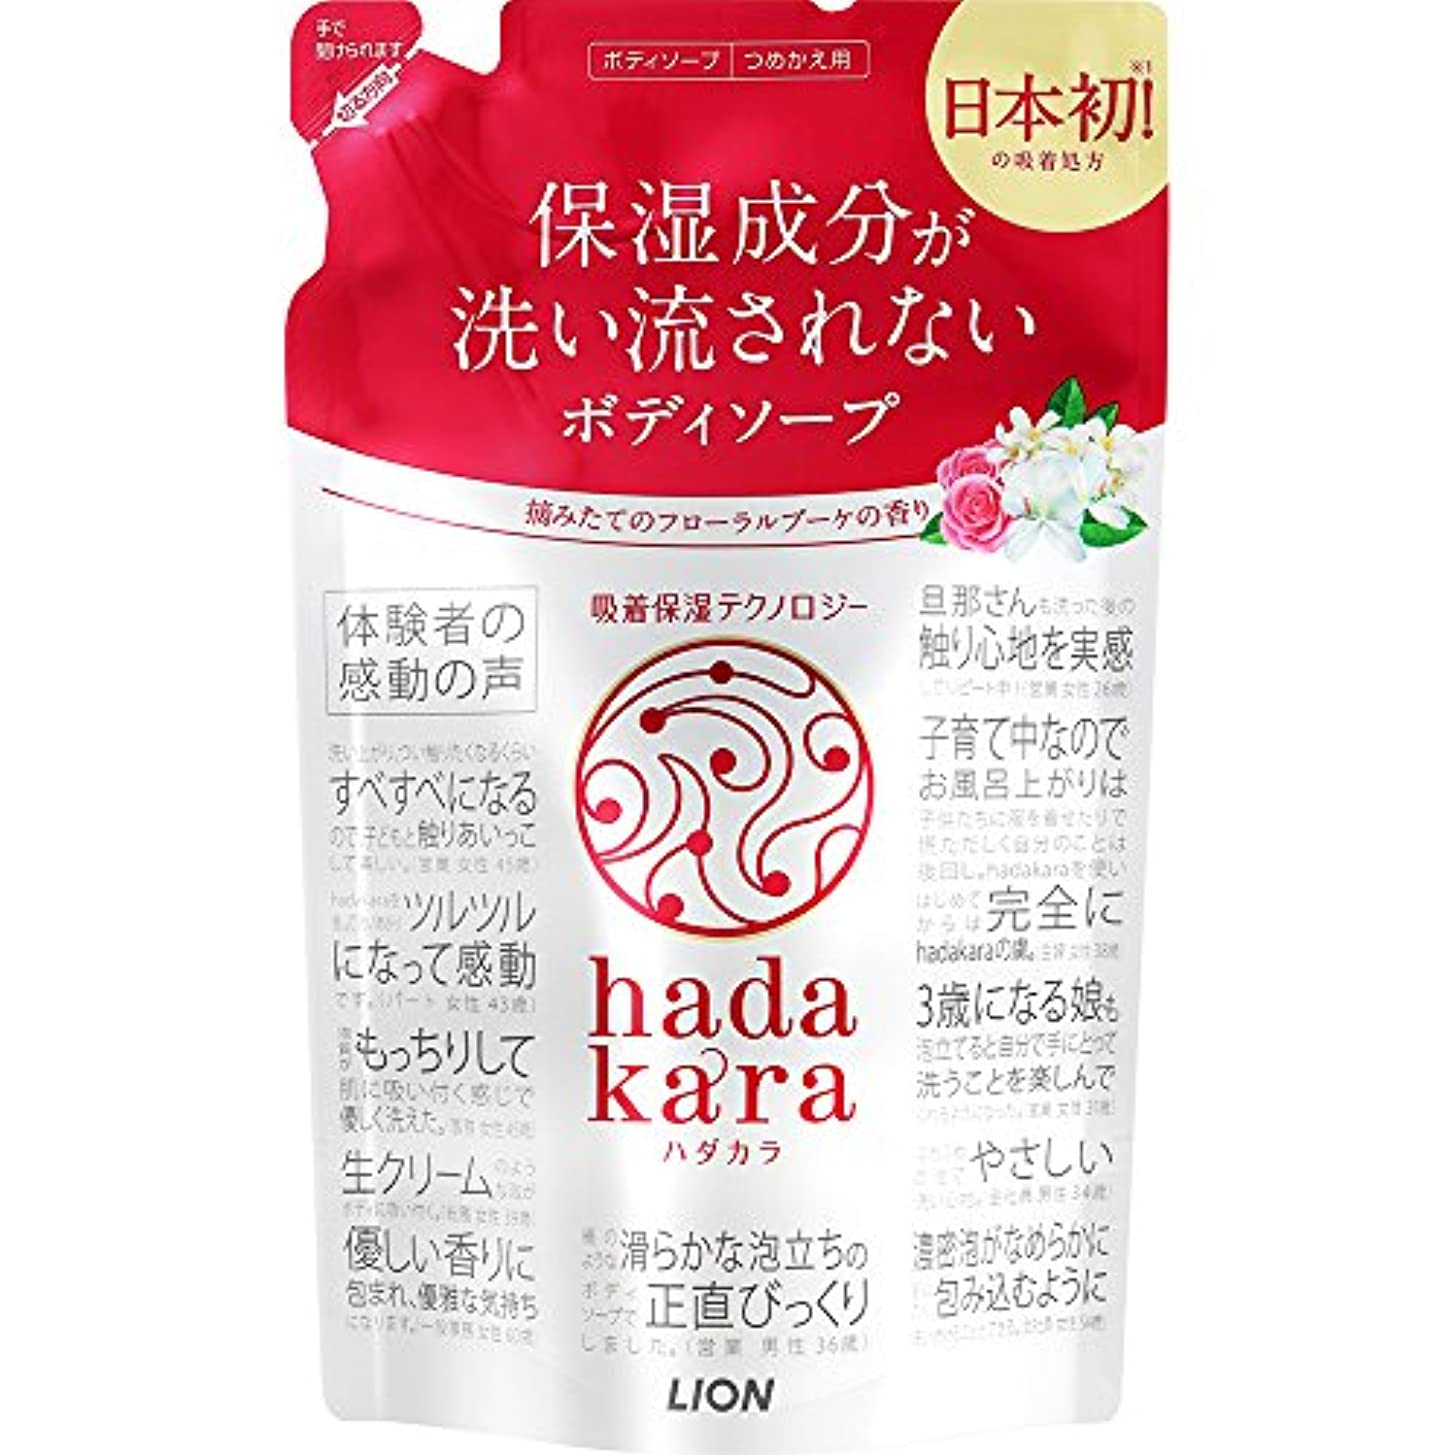 乱れ解決する健康的hadakara(ハダカラ) ボディソープ フローラルブーケの香り 詰め替え 360ml